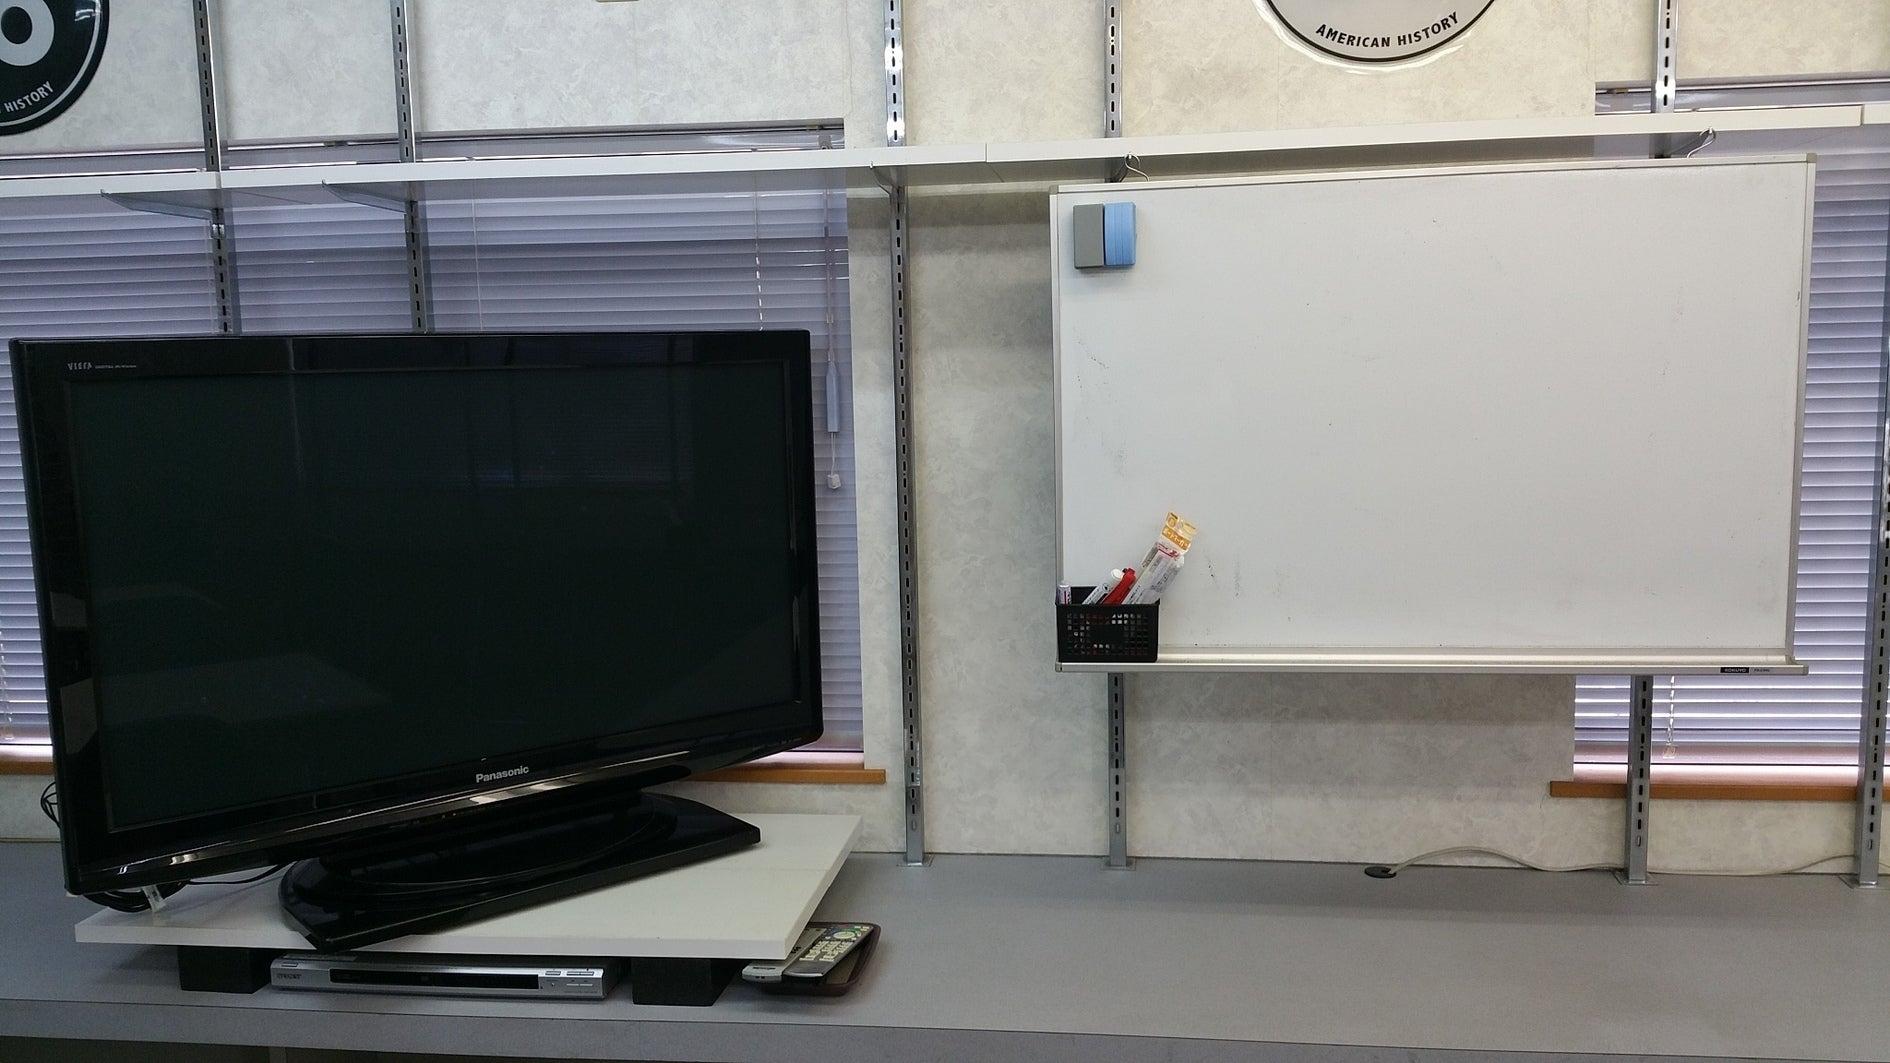 レンタルスペース泉北(堺市中区深阪)貸し教室など多目的にご利用下さい のサムネイル